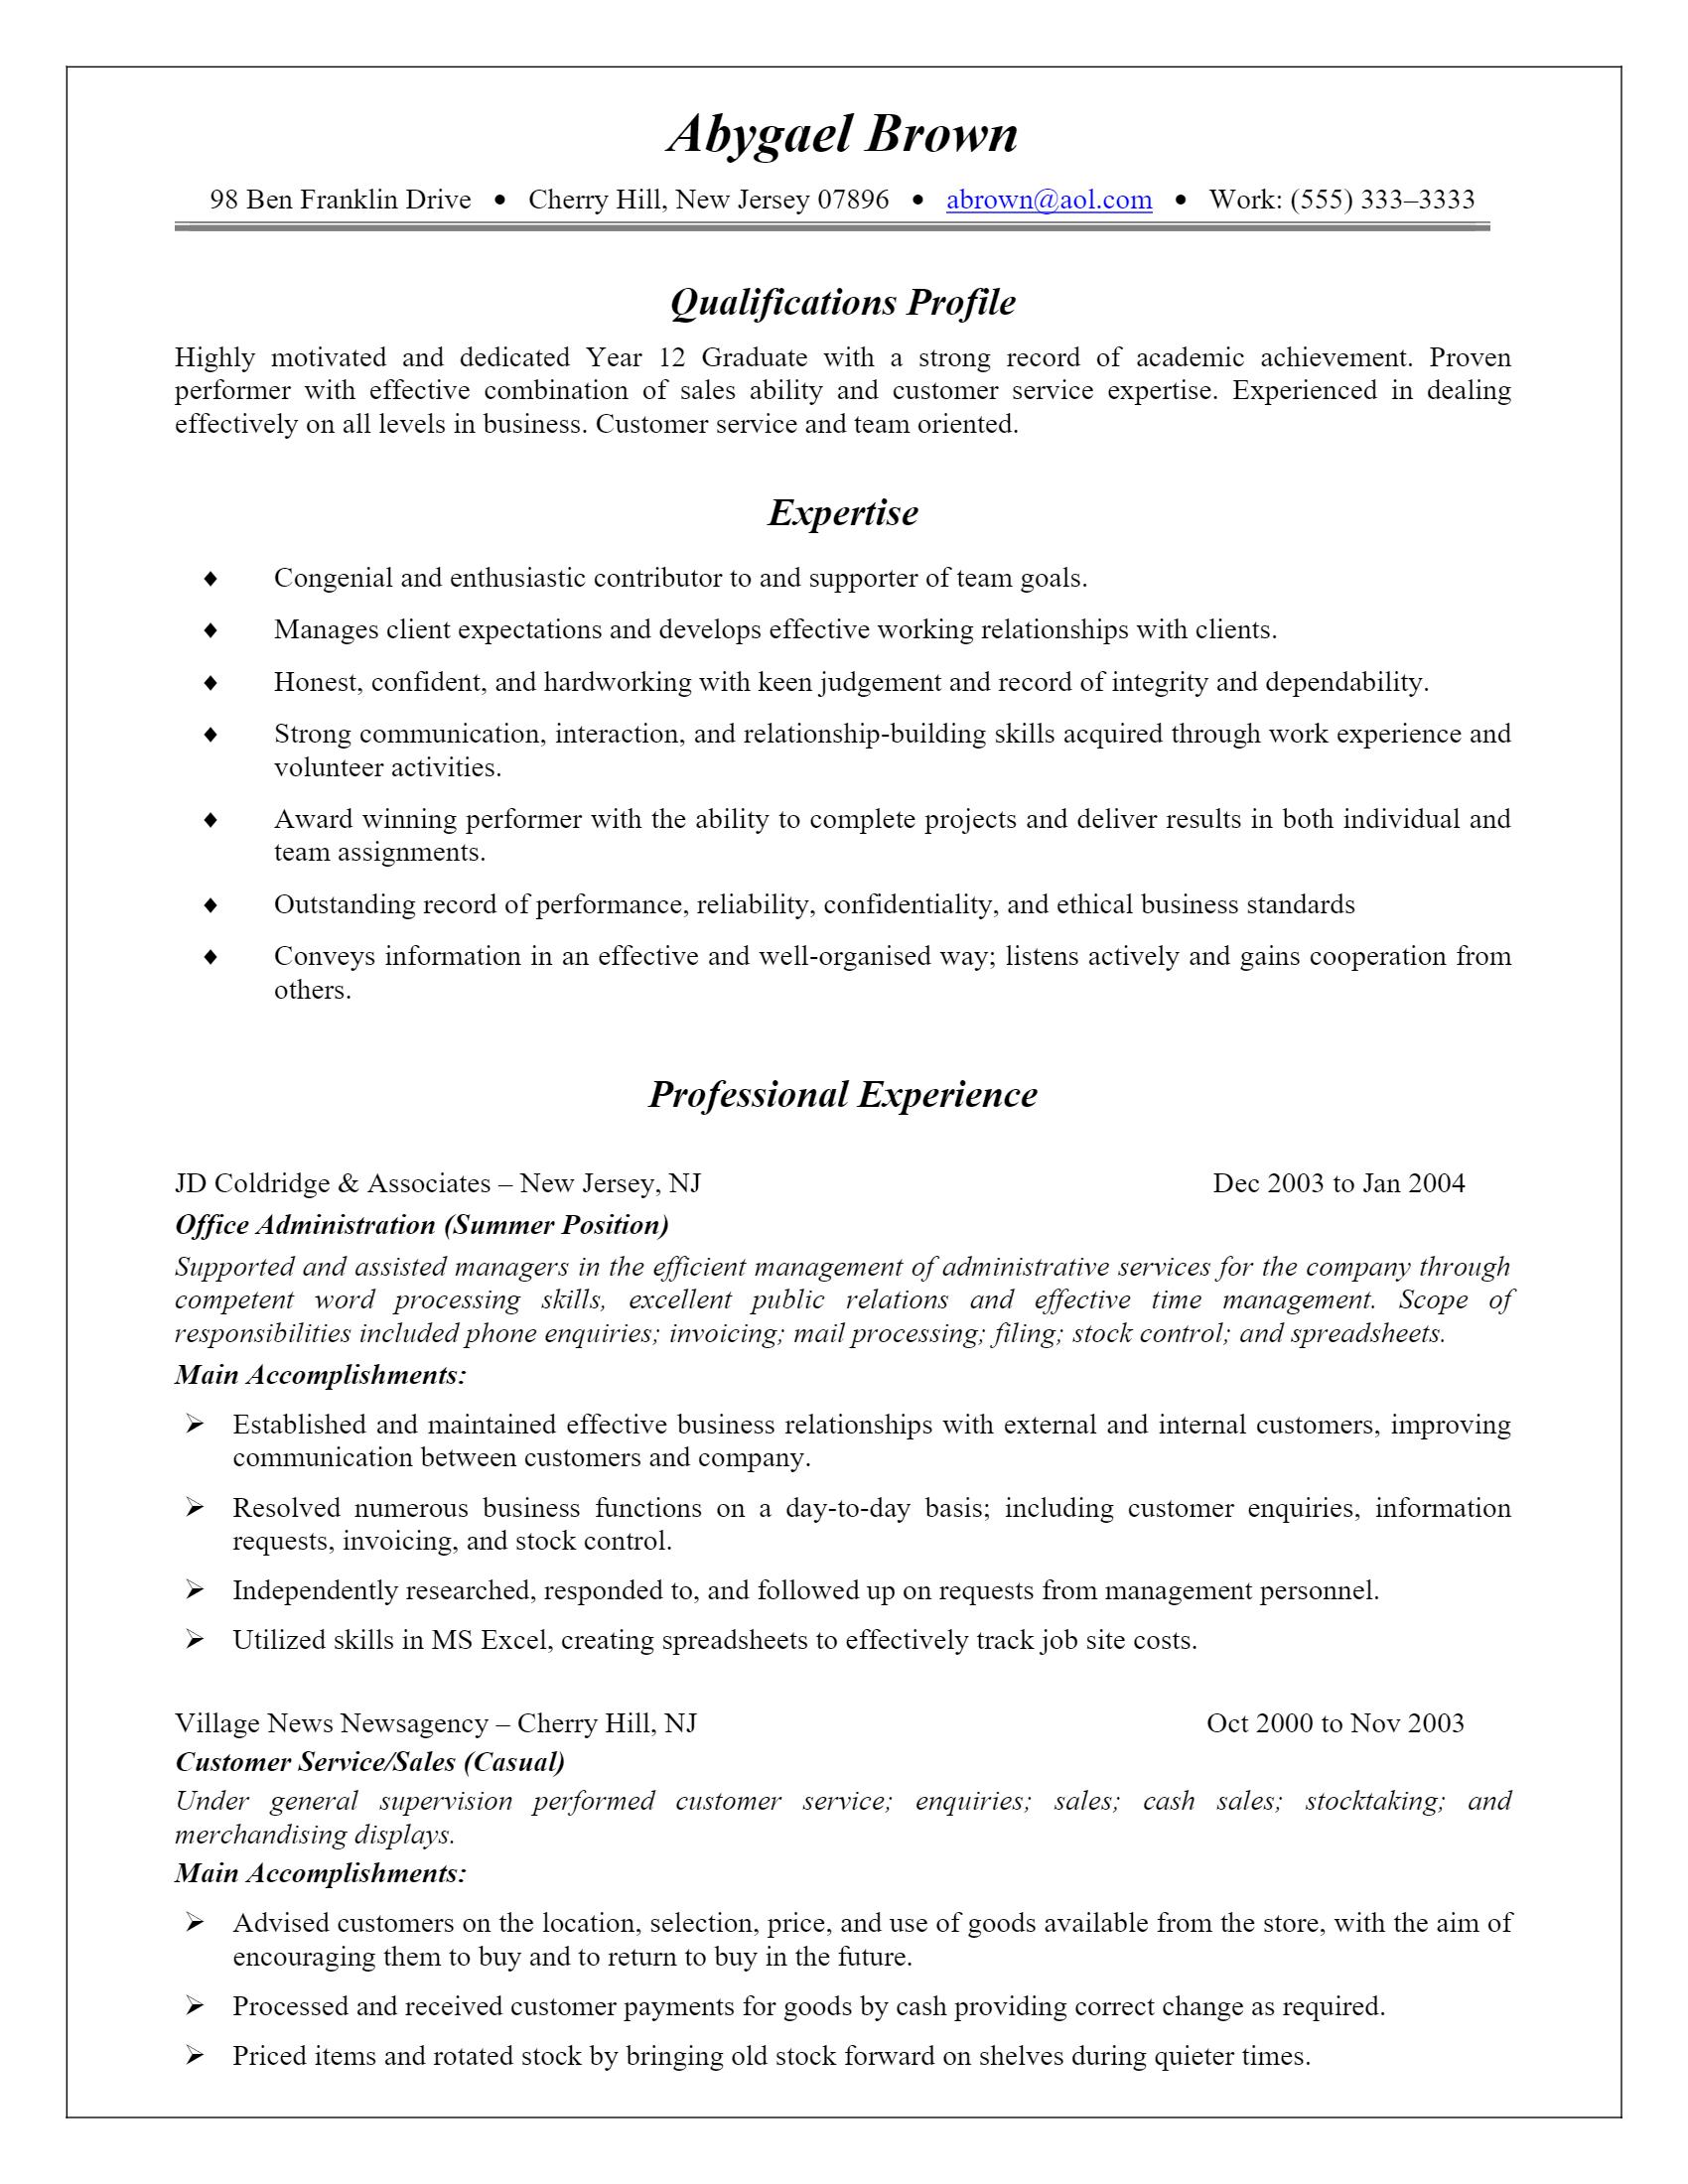 Customer Service Resume > Customer Service Resume .Docx (Word)